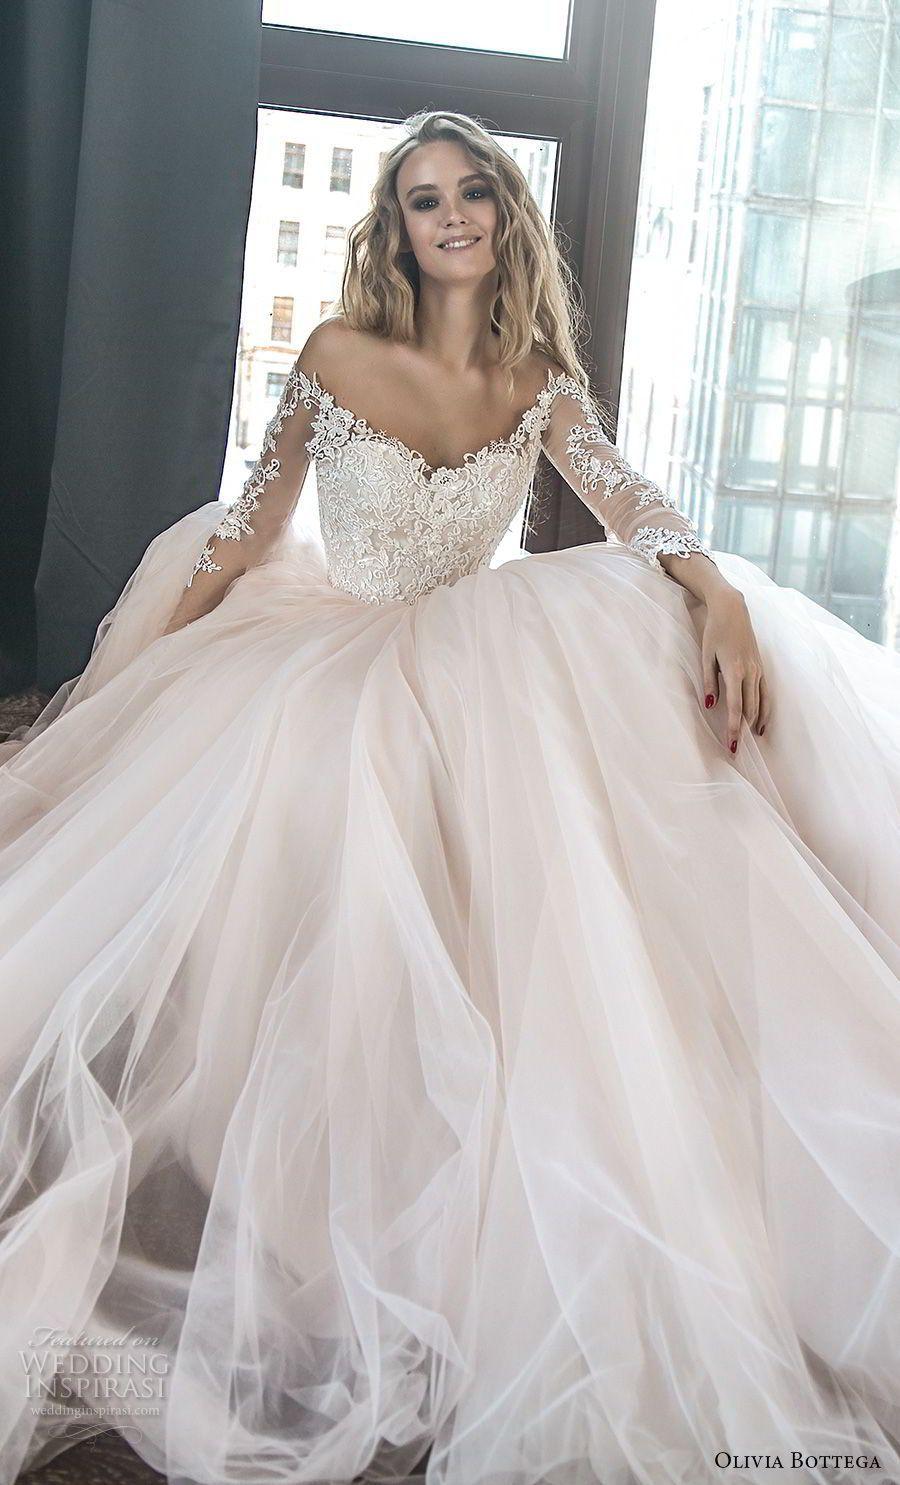 Olivia Bottega 2018 Bridal Long Sleeves Off The Shoulder Sweetheart Neckline Heavily Em Wedding Dress Long Sleeve Ball Gown Wedding Dress Elegant Wedding Dress [ 1485 x 900 Pixel ]